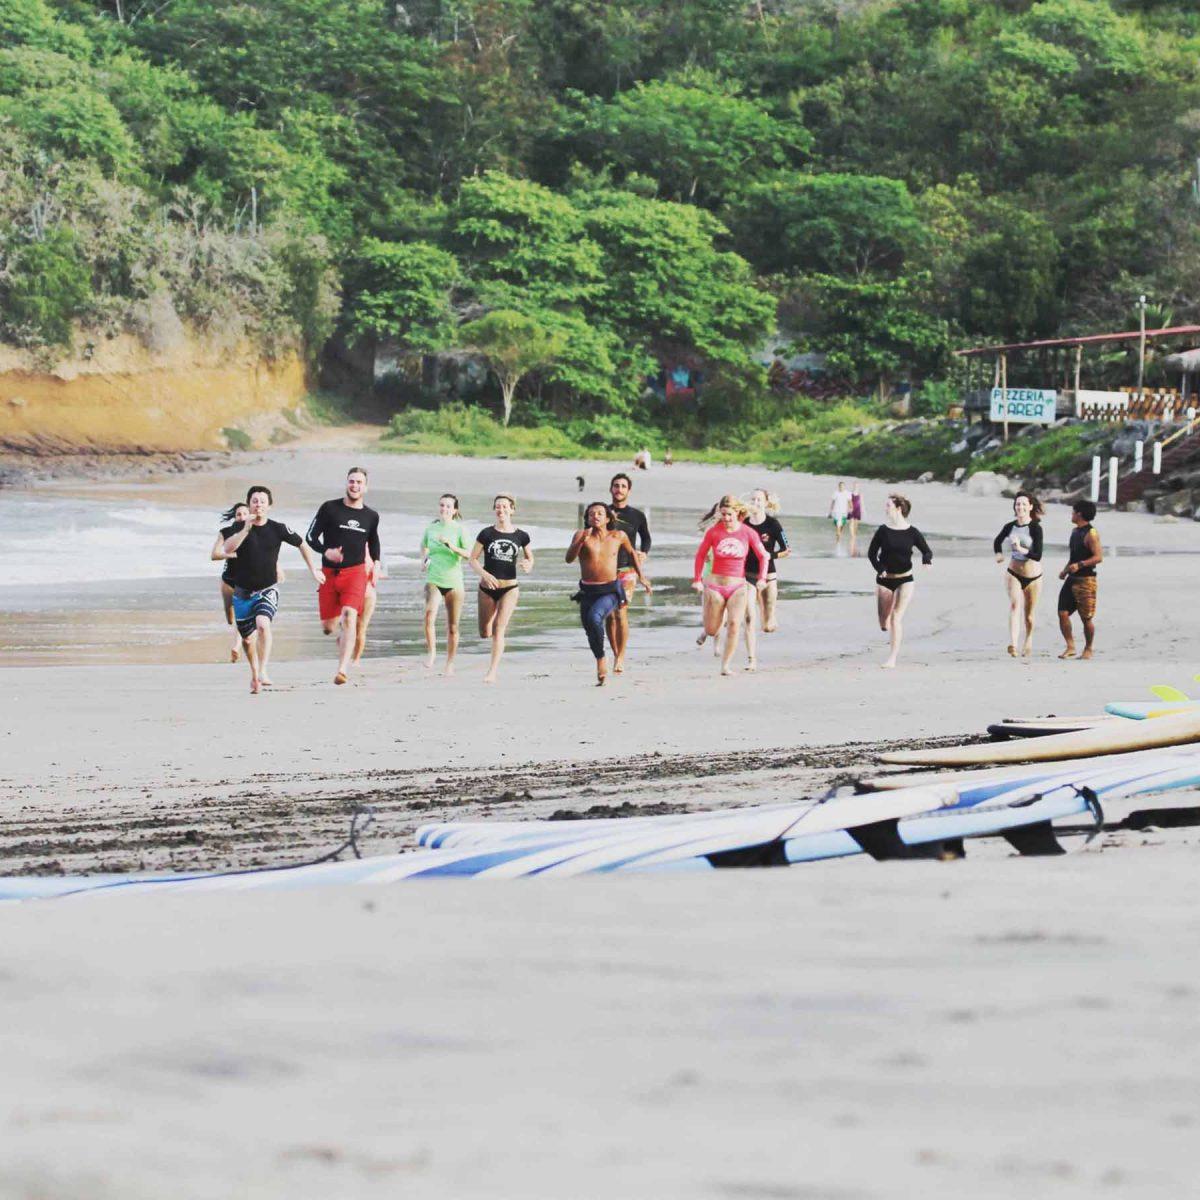 Surf coaching Montanita